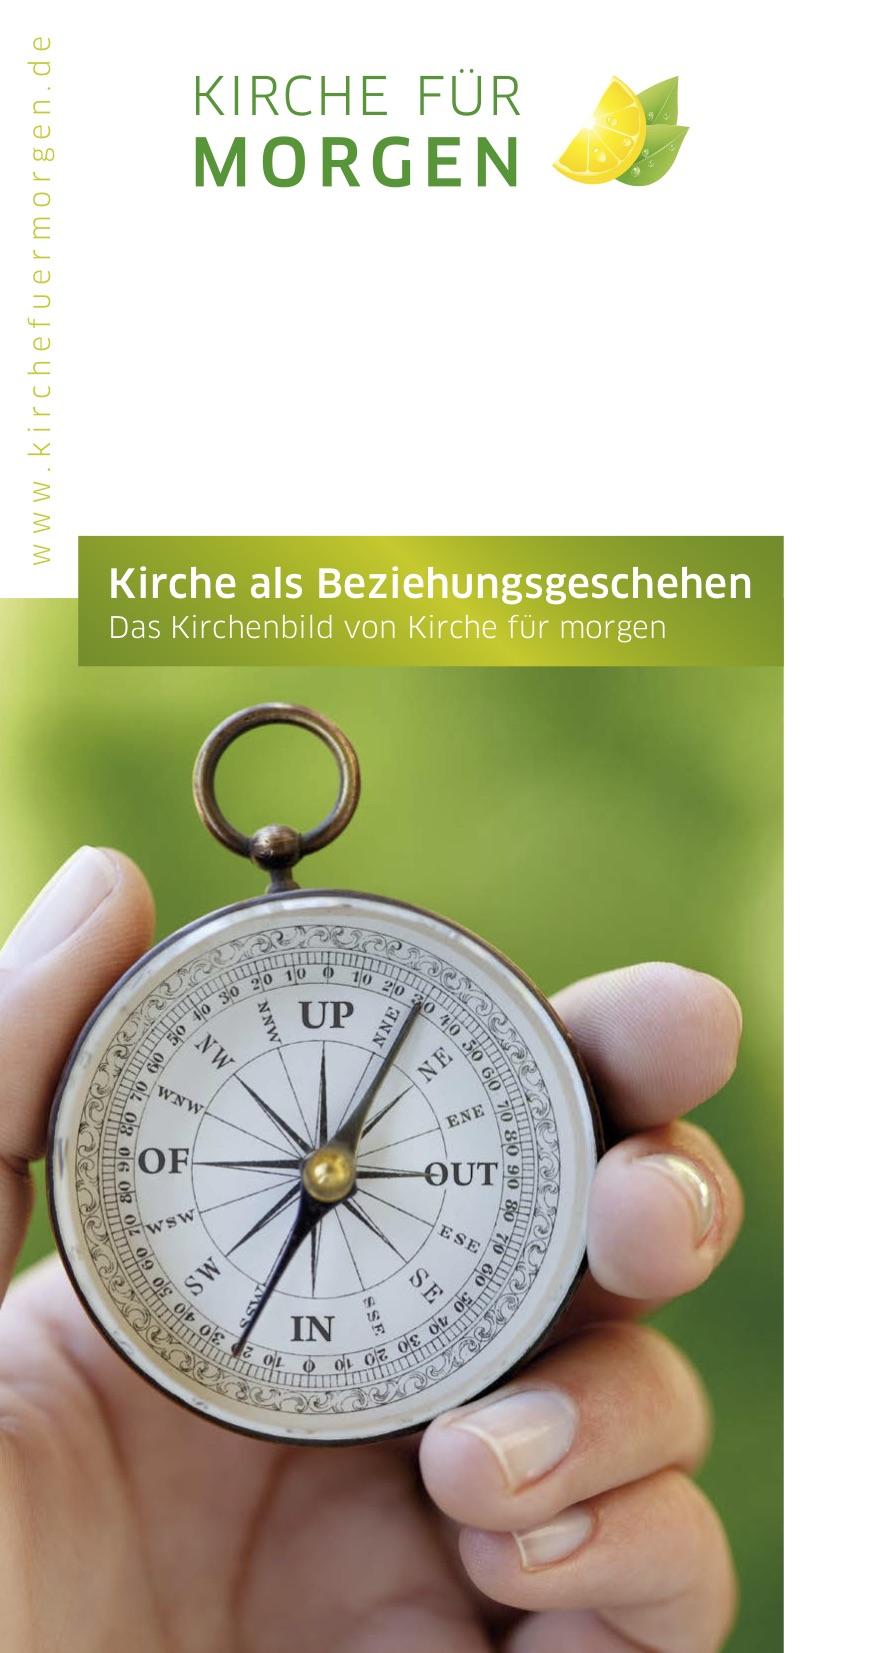 Positionspapier_Kfm_Kirche-als-Beziehungsgeschehen